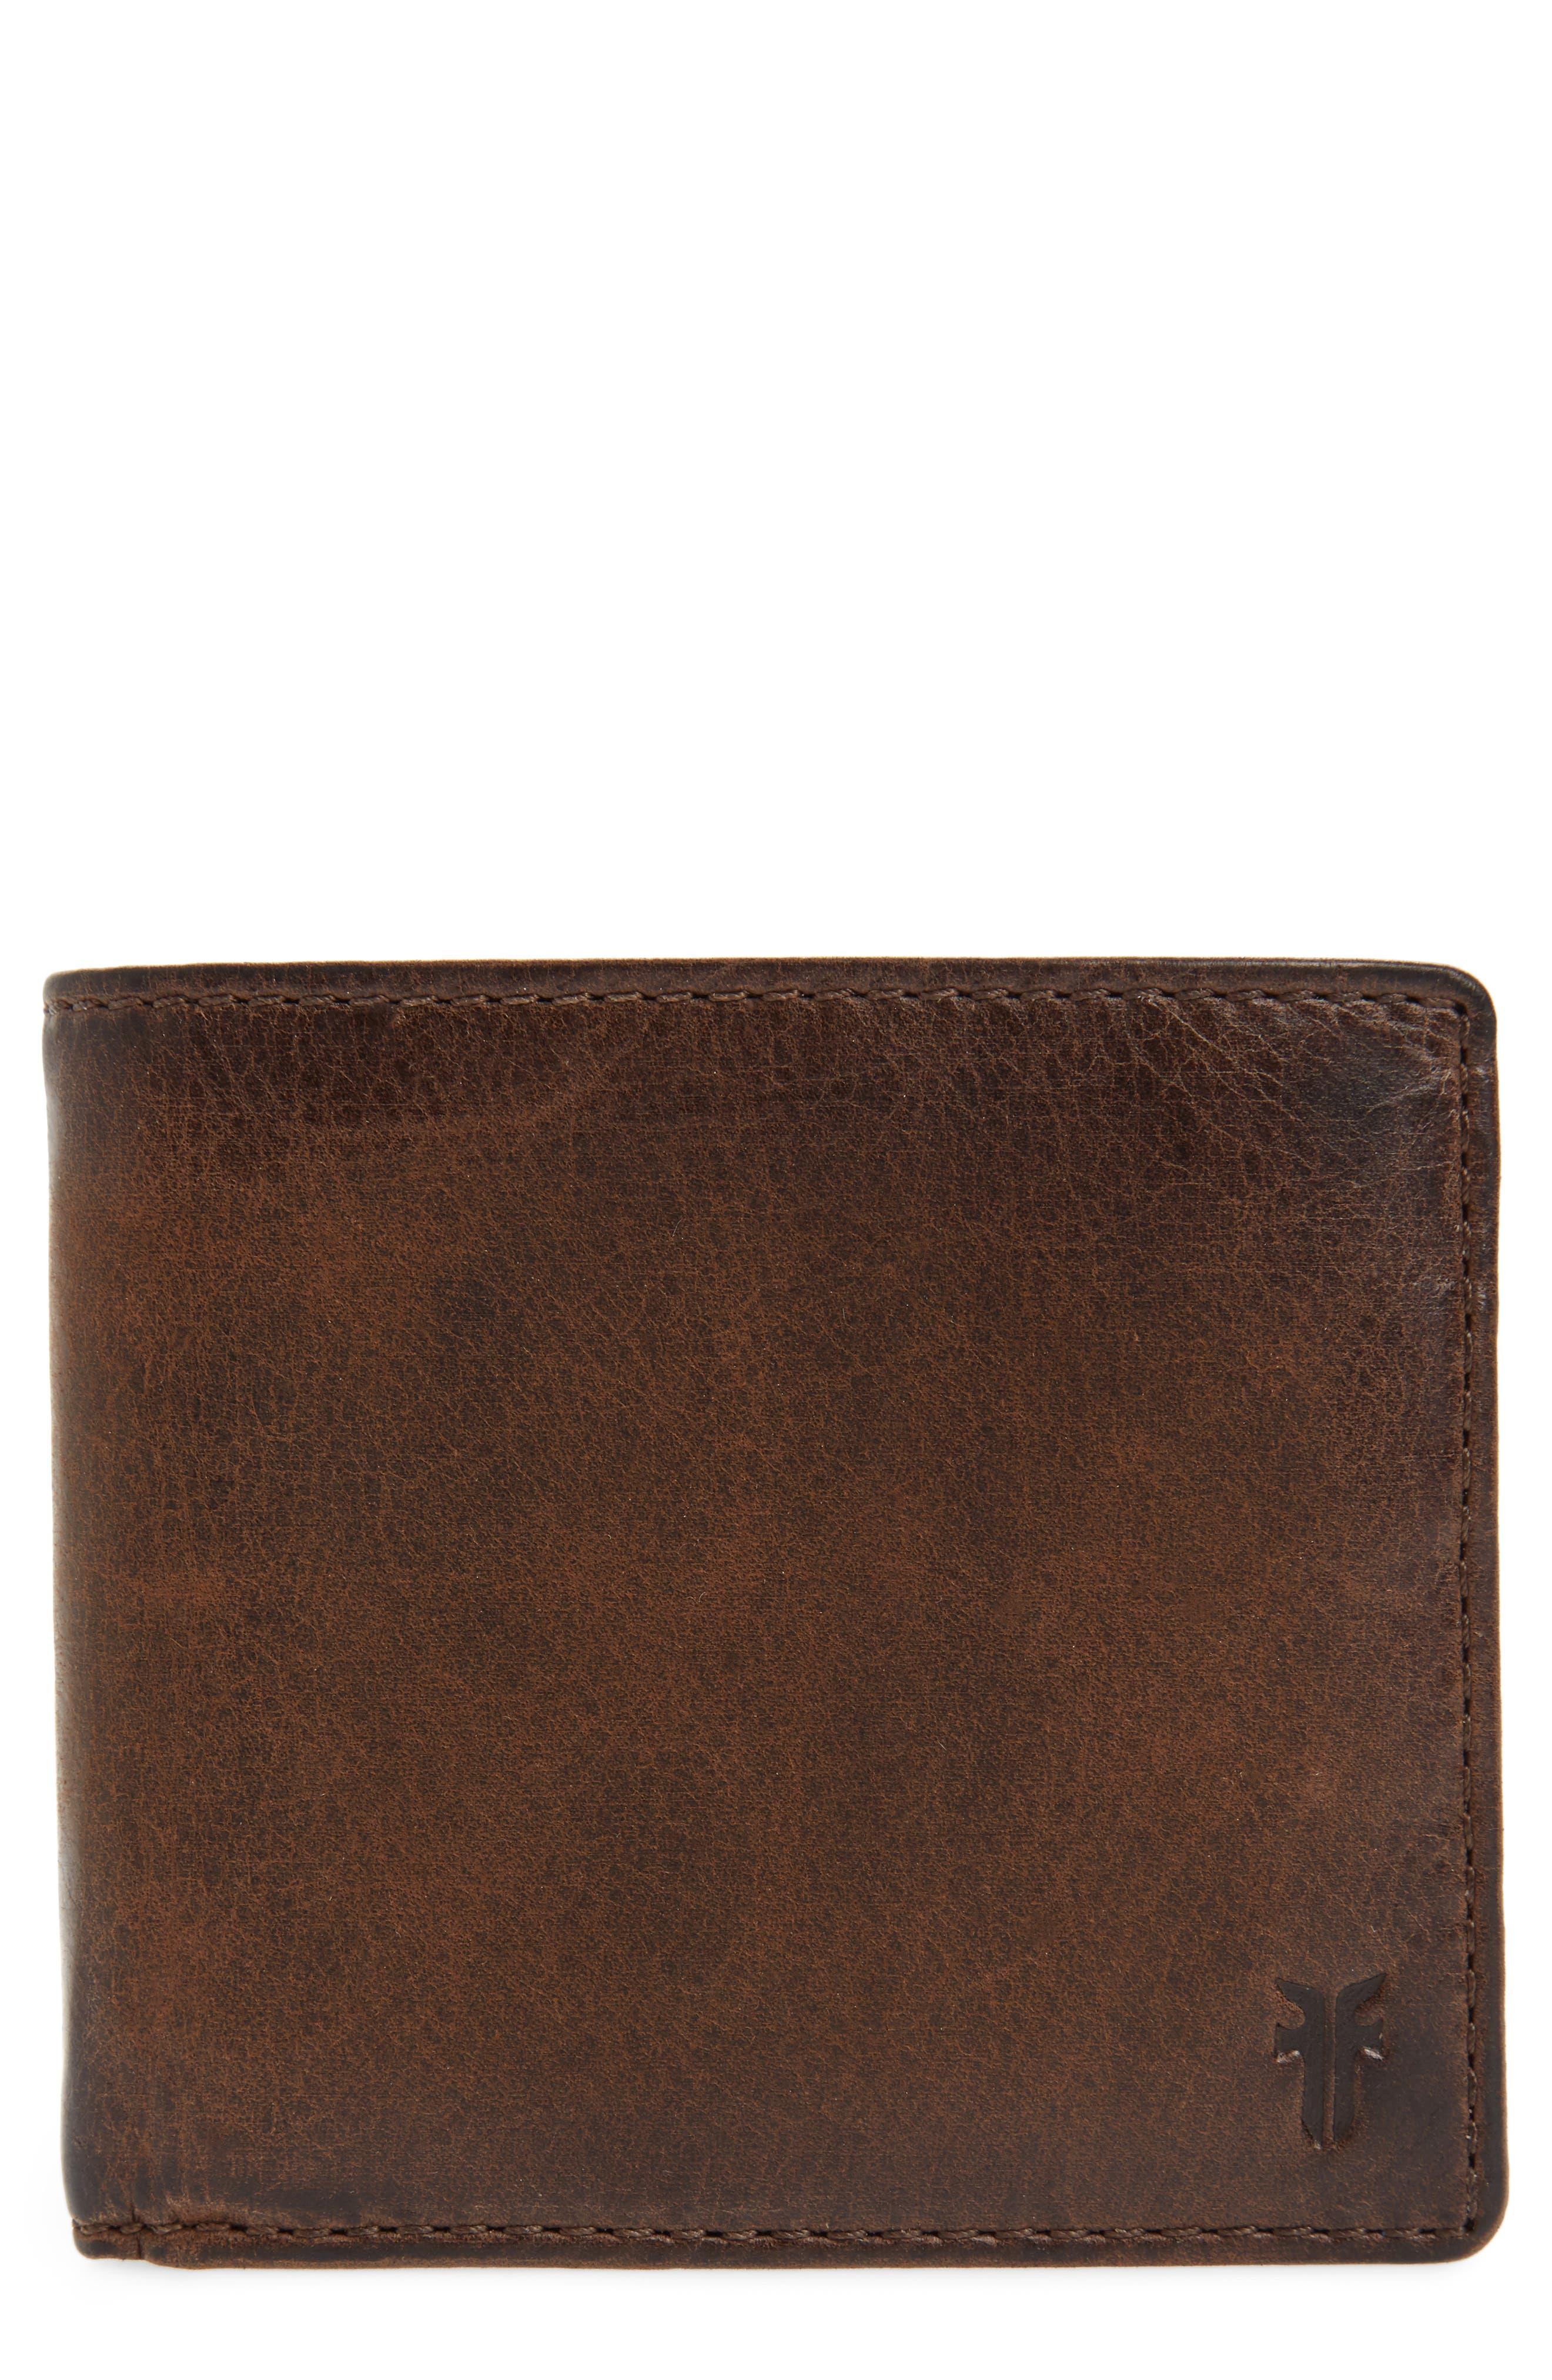 FRYE Oliver Leather Wallet, Main, color, DARK BROWN